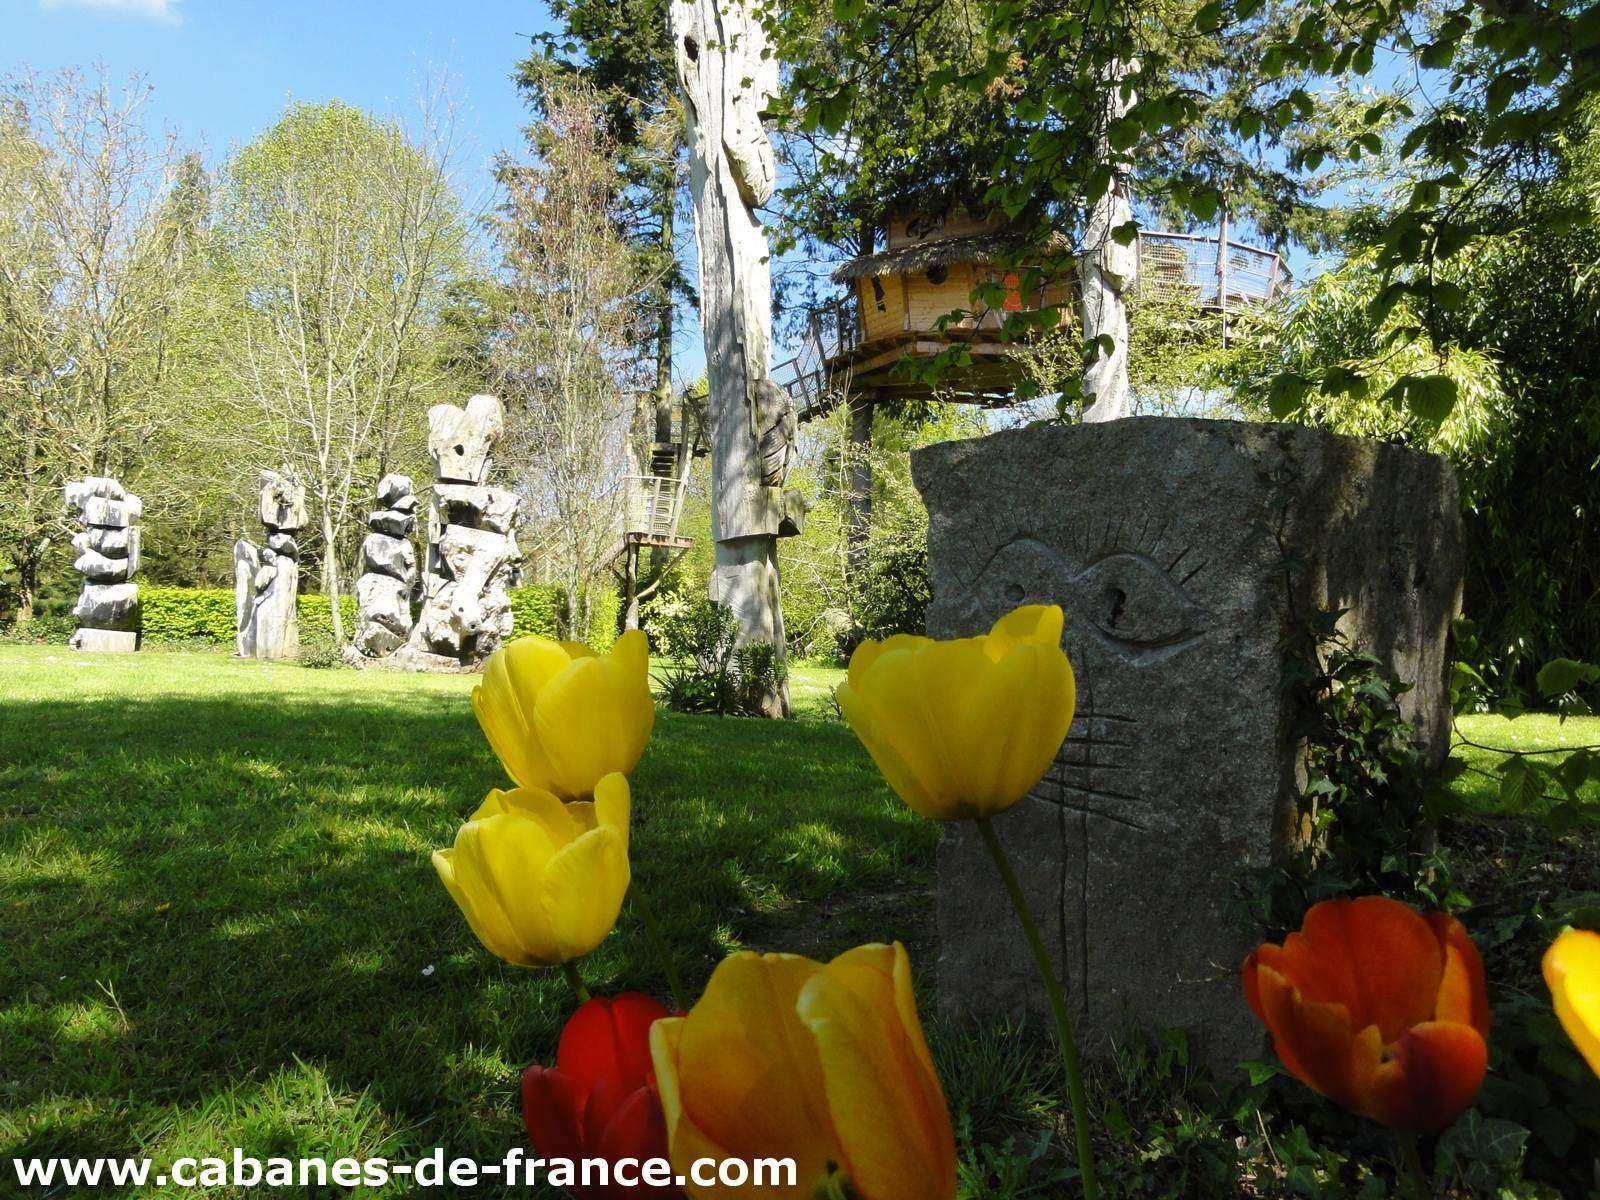 cabanes du jardin de pierre cabanes